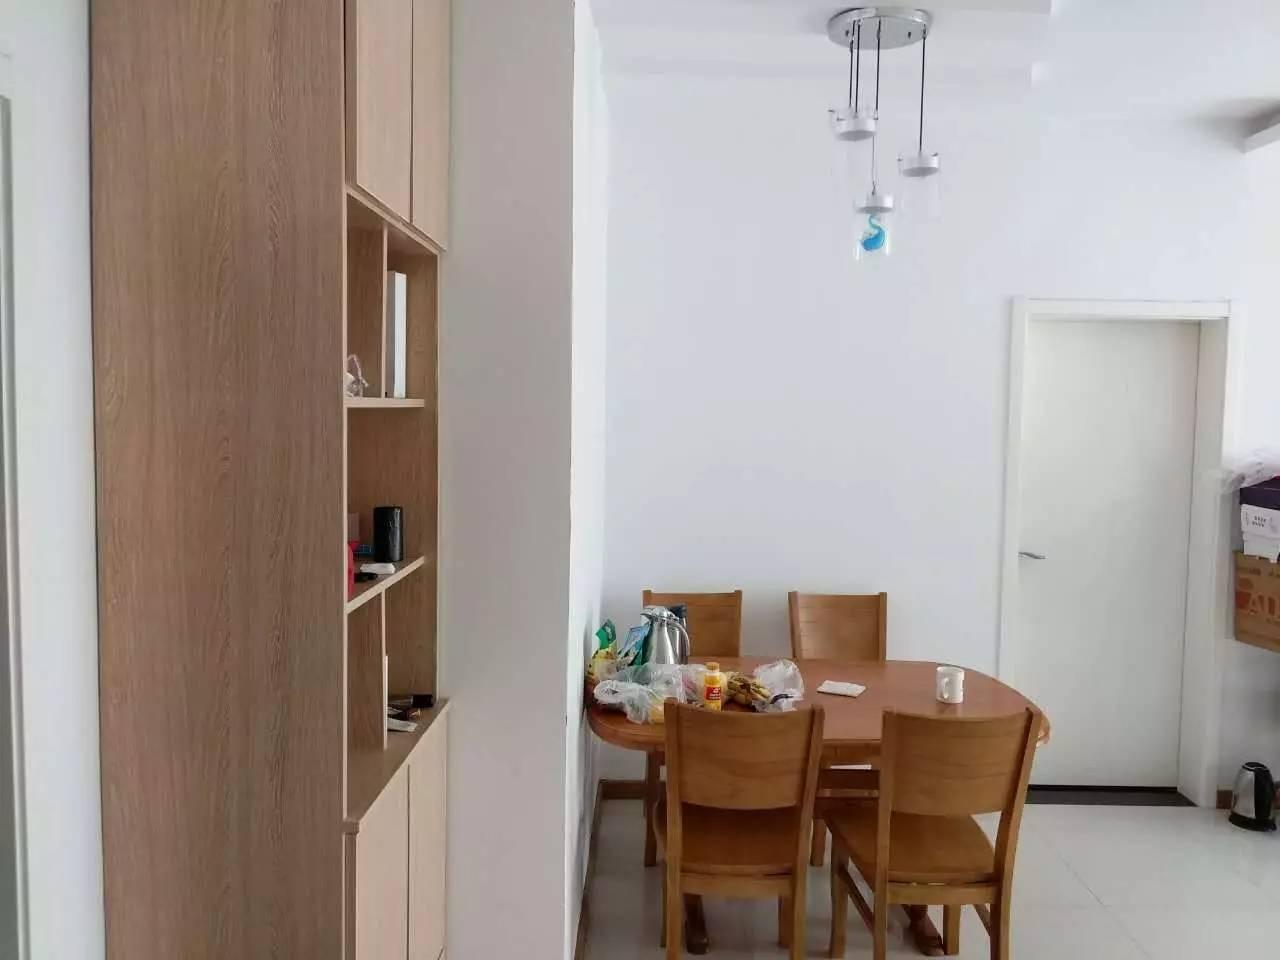 新城区蓝湾新城精装修 2室 2厅 100平米 出售